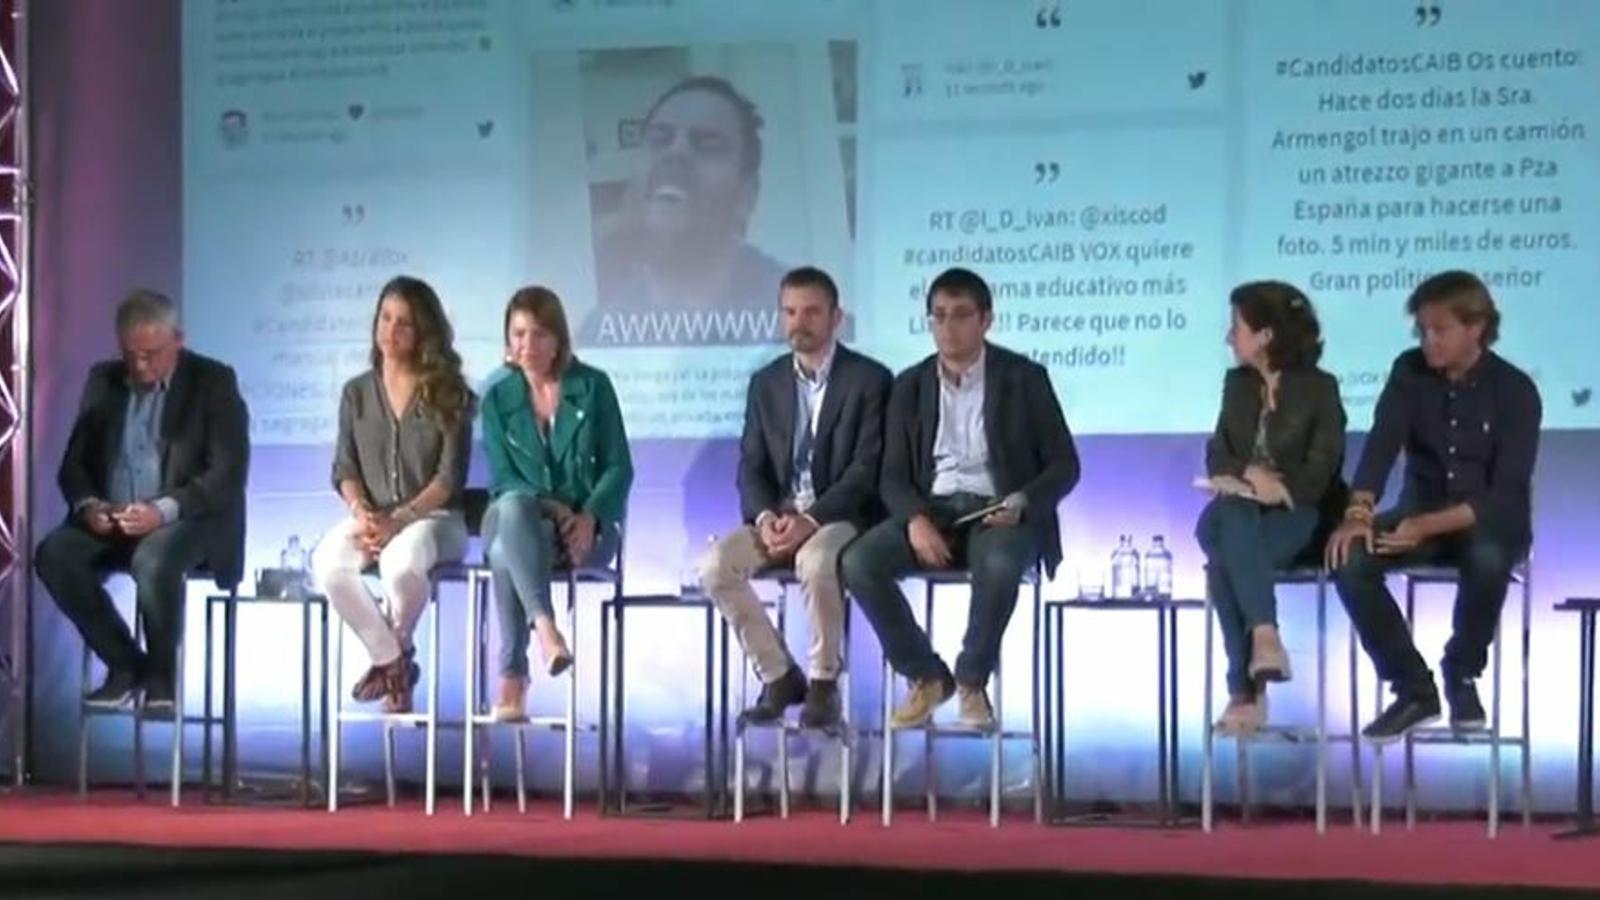 Un moment del debat entre els representants polítics i els tuitaires.